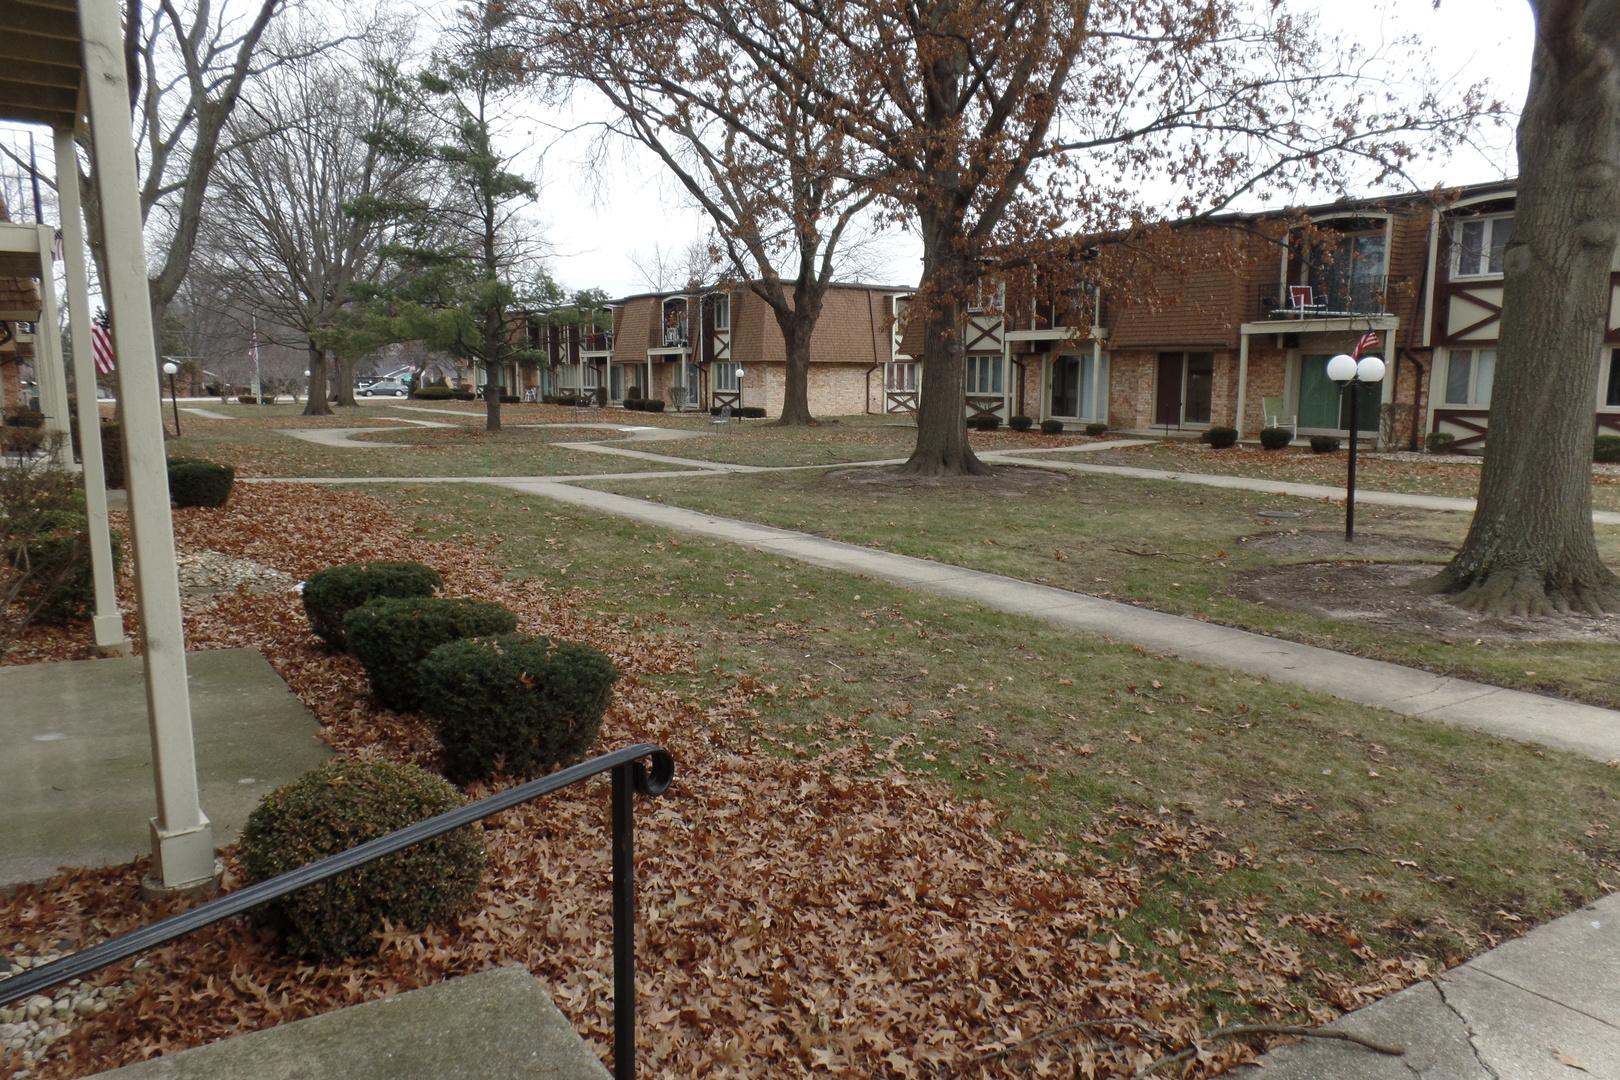 12751 Park Unit Unit g1 ,Crestwood, Illinois 60418